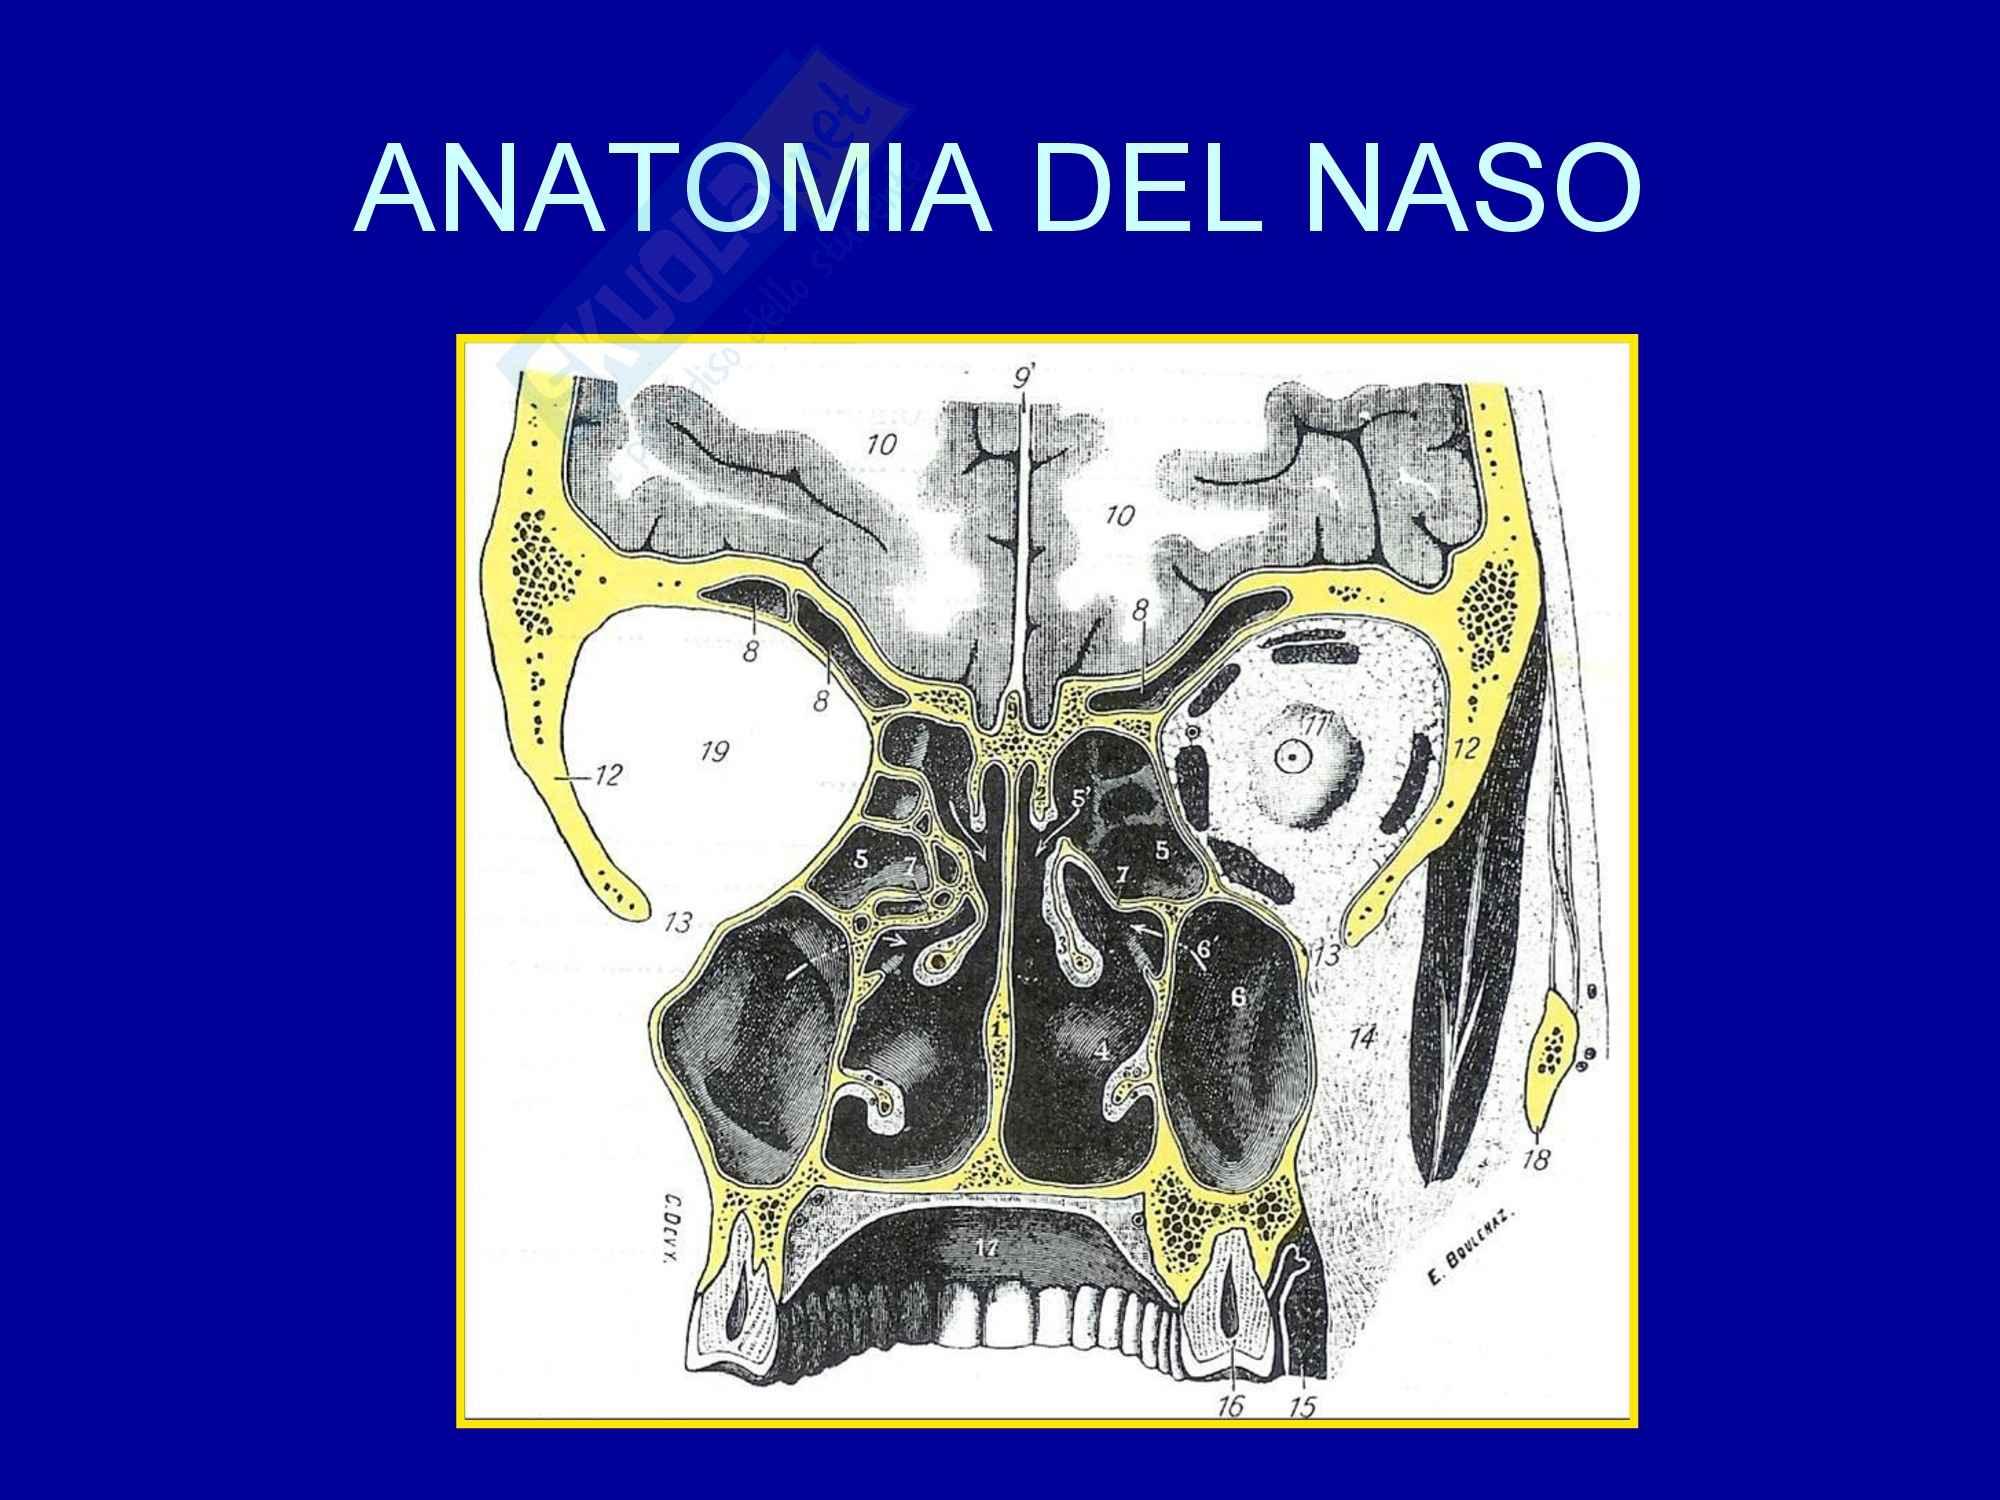 Otorinolaringoiatria - Anatomia del naso